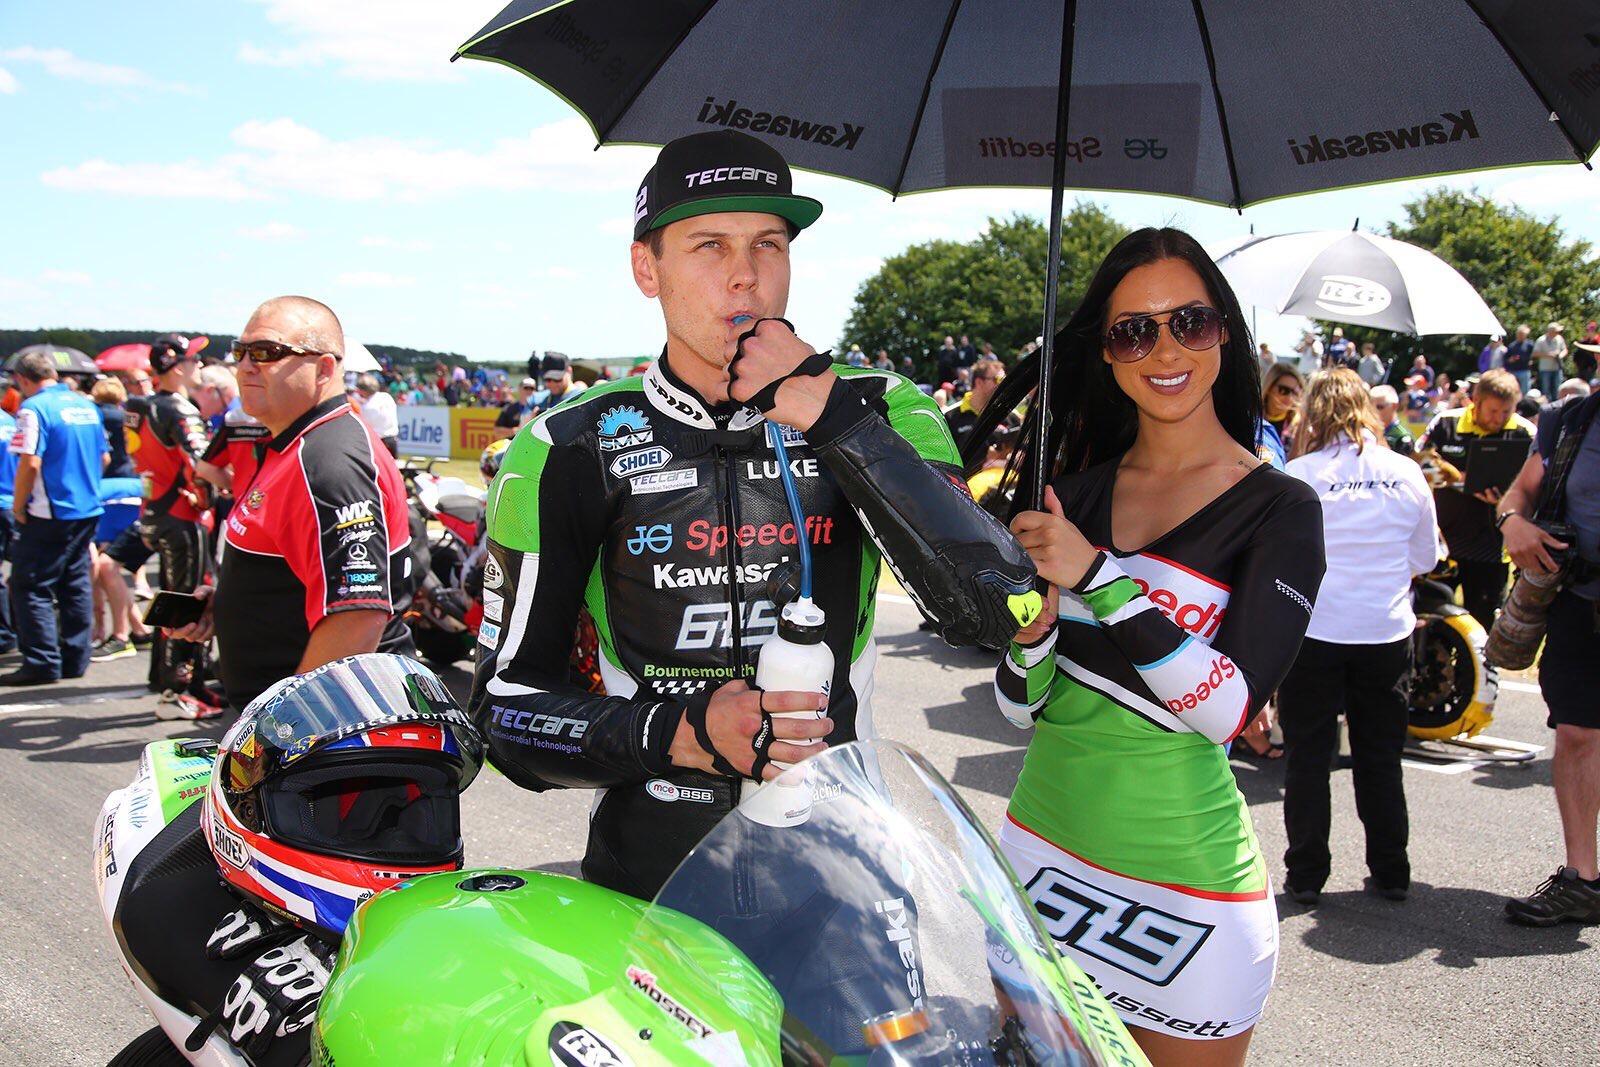 JG Speedfit Kawasaki at Snetterton – 2nd July – British Superbikes